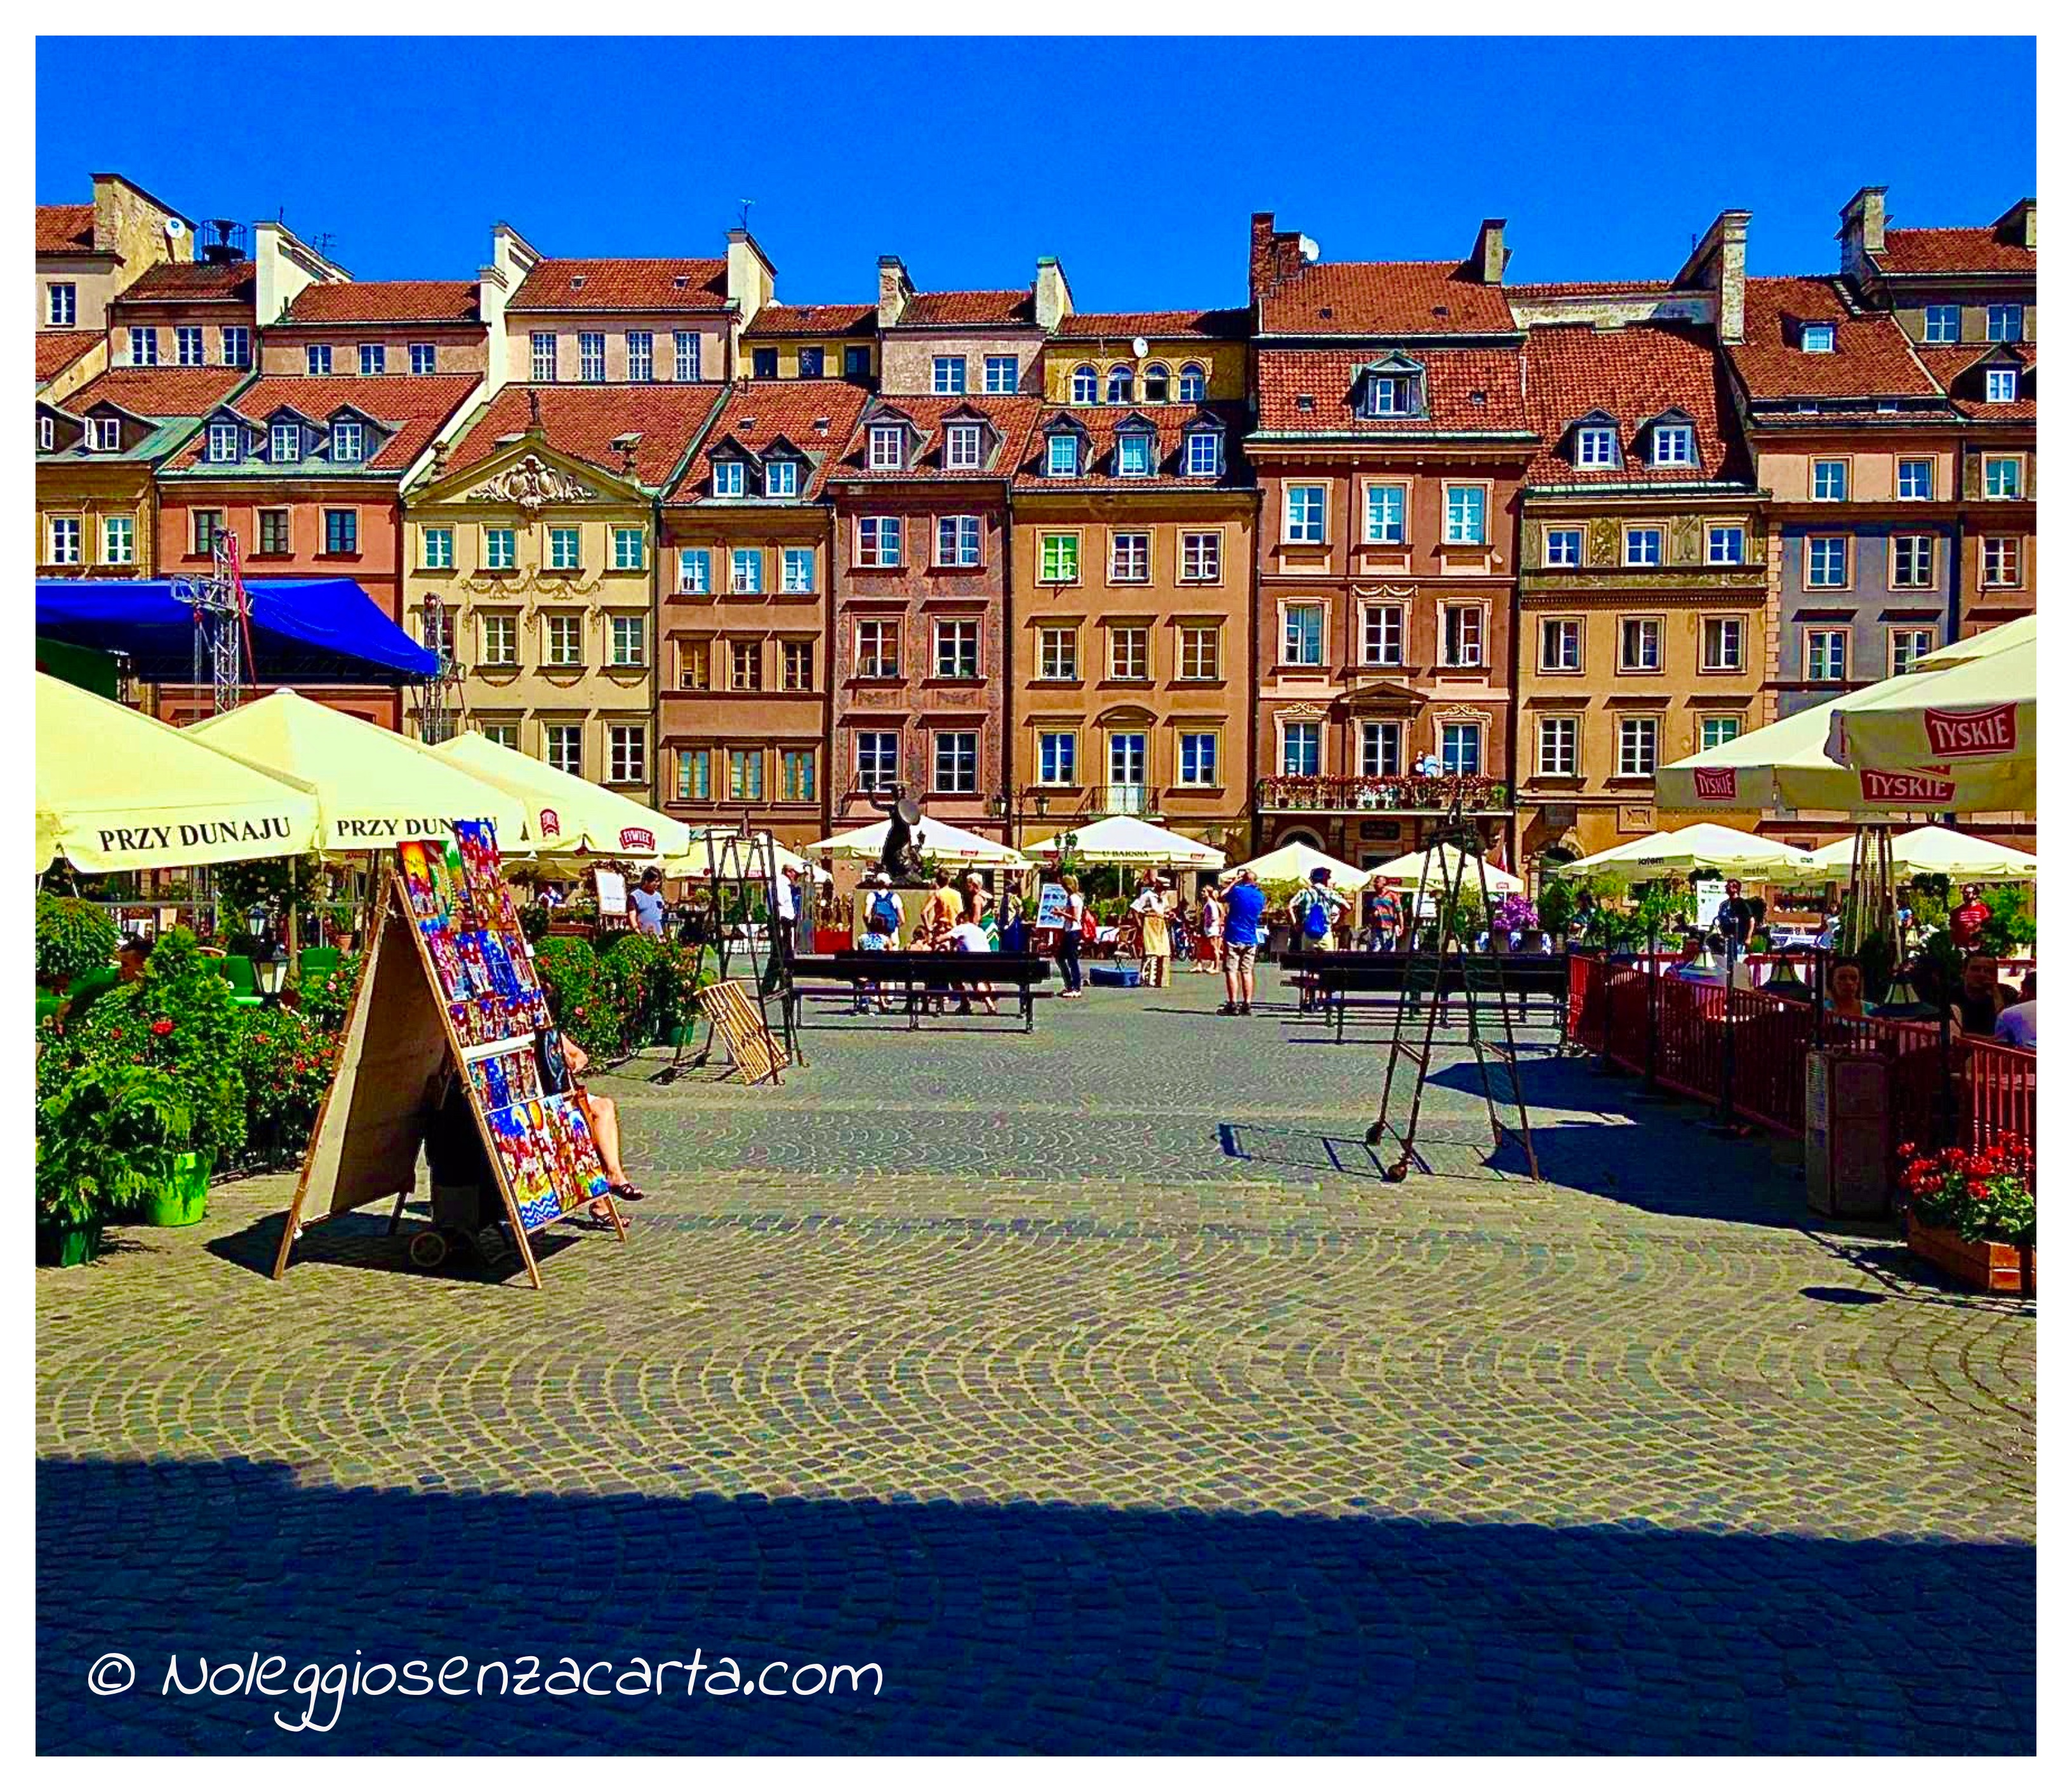 Noleggiare auto senza carta di credito a Varsavia